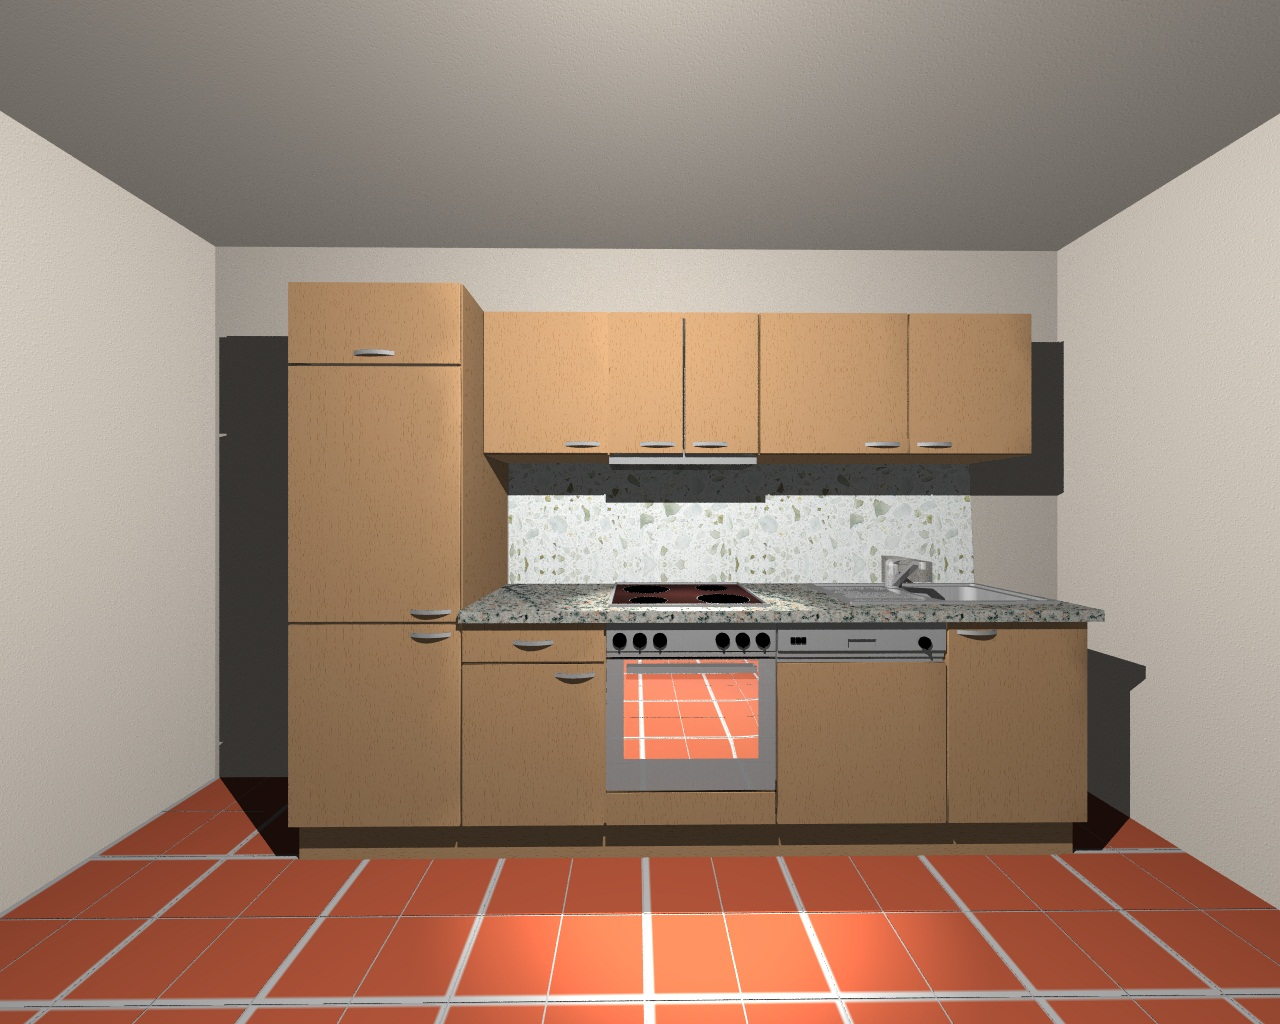 k chenblock 280 cm mit gsp und flachl fter in k nigsahorn m bel kurz. Black Bedroom Furniture Sets. Home Design Ideas